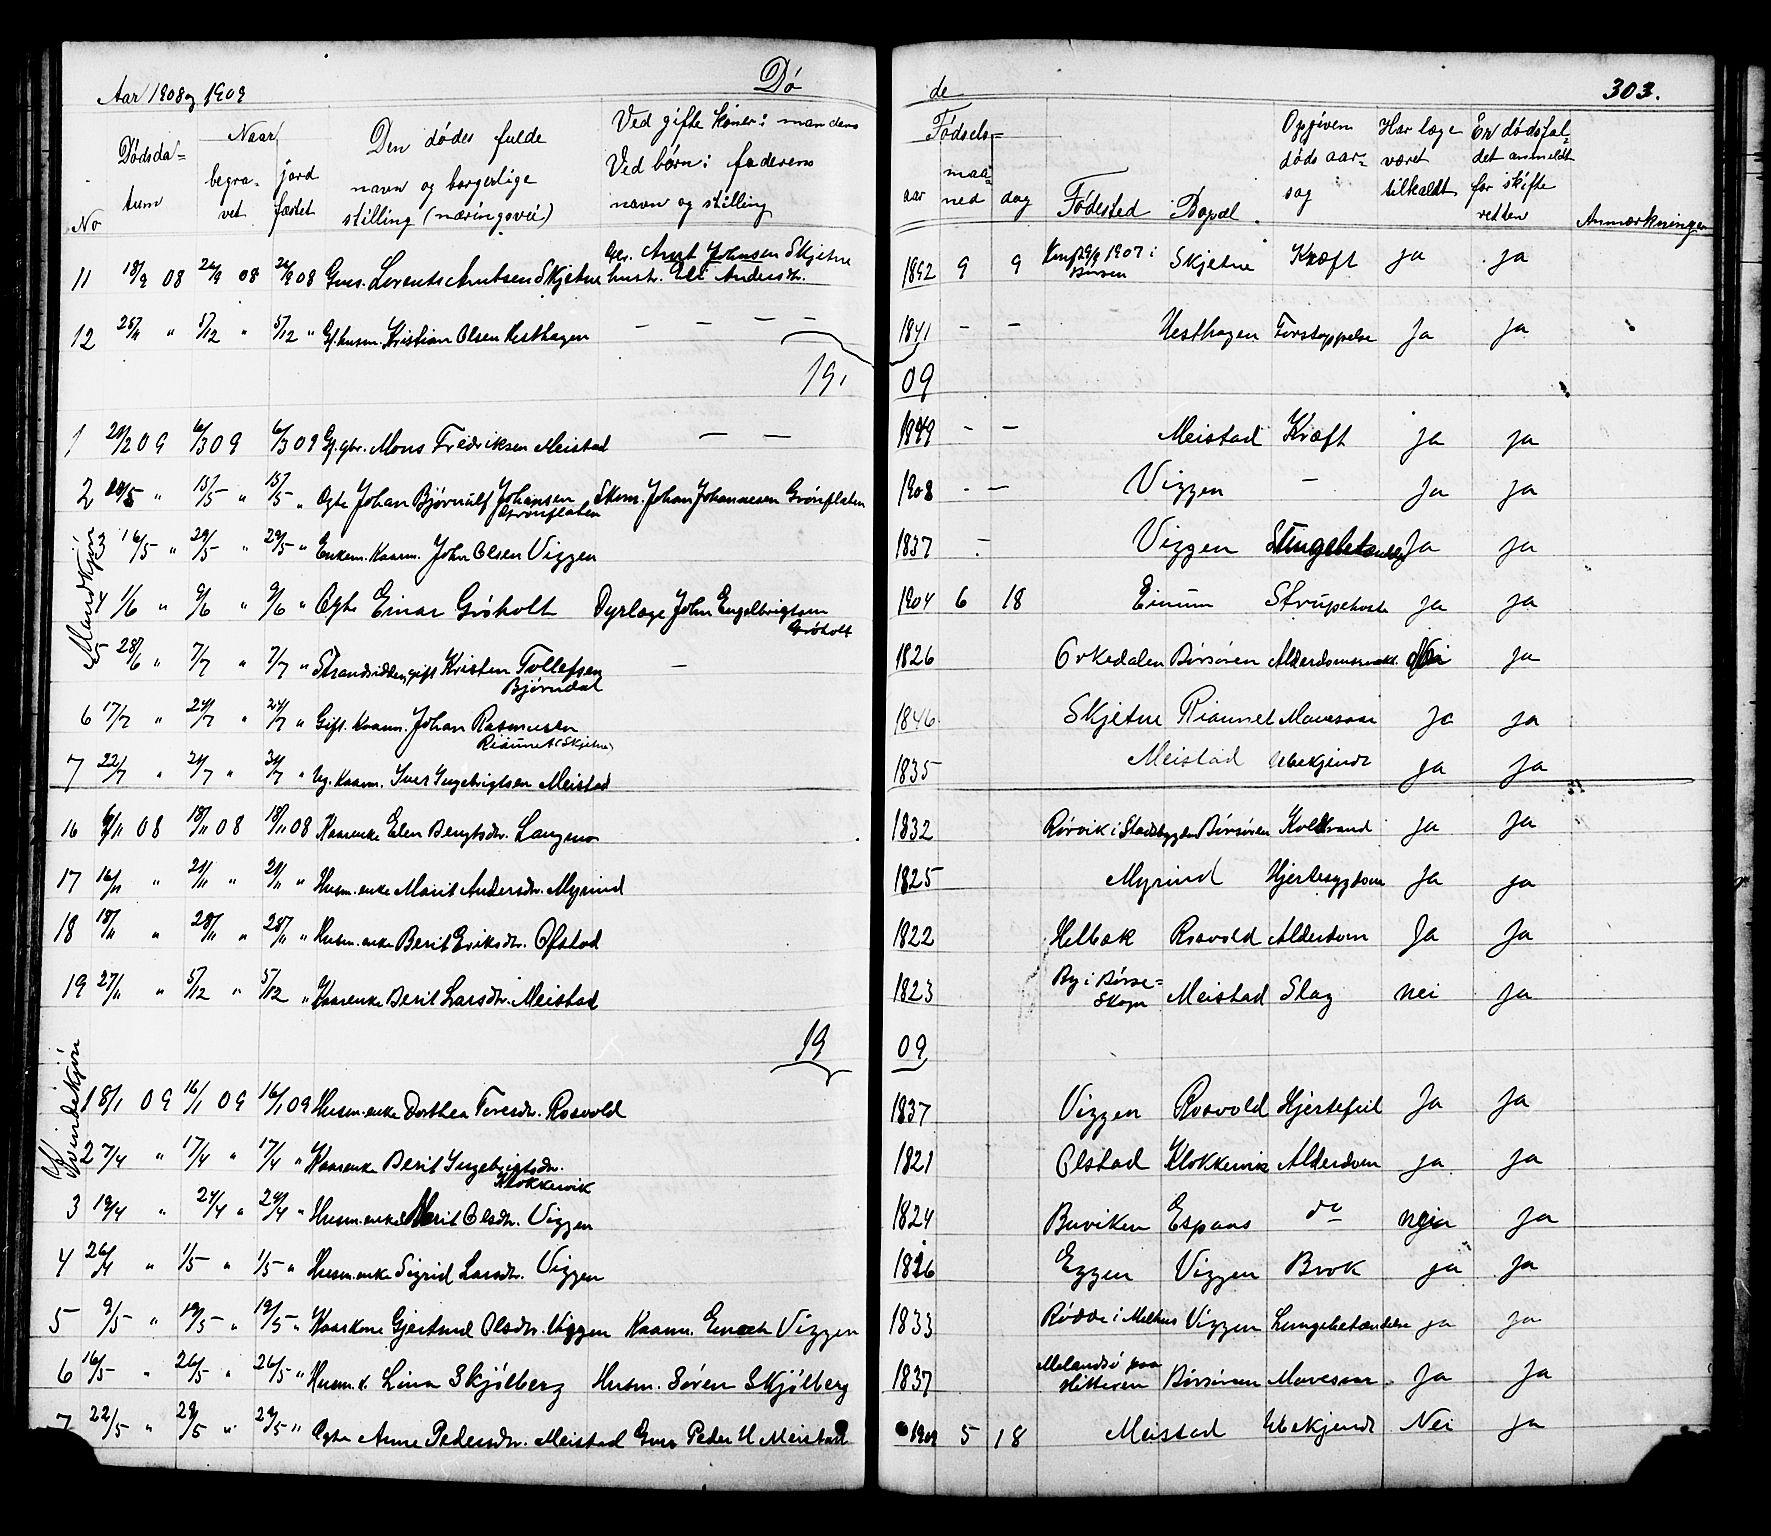 SAT, Ministerialprotokoller, klokkerbøker og fødselsregistre - Sør-Trøndelag, 665/L0777: Klokkerbok nr. 665C02, 1867-1915, s. 303